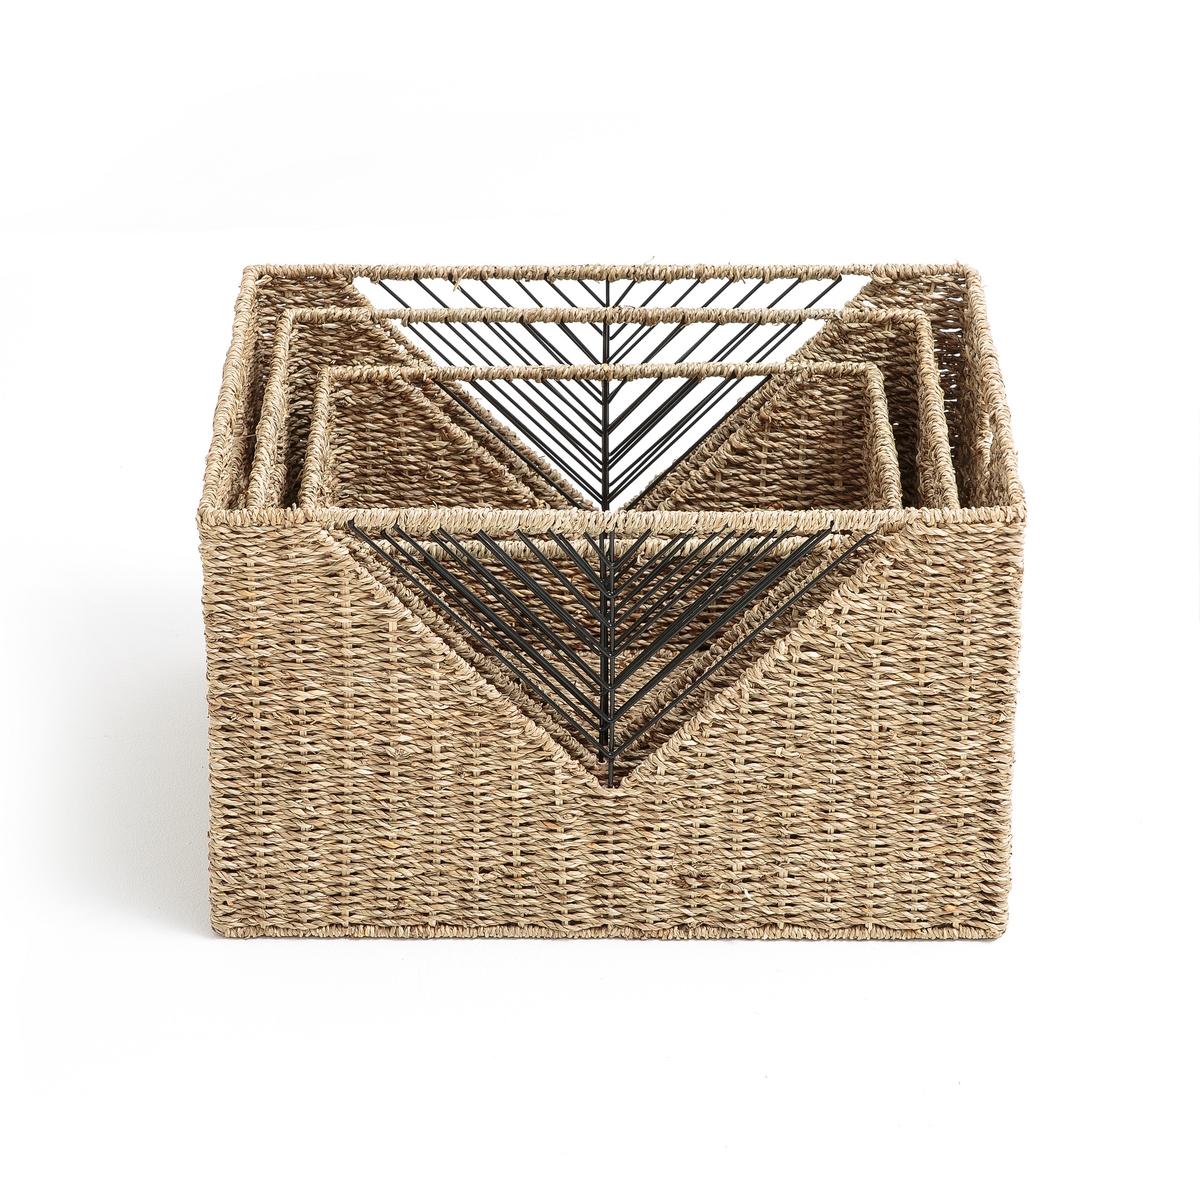 3 корзины для хранения плетеныеОписание:3 корзины плетеные . Сплетенные вручную из натуральных материалов корзины очень вместительны и удобны .Описание корзин : Натуральный плетеный камыш с ажурным рисунком Каркас из металла2 ручки.Квадратная формаМожно ставить друг на другаРазмеры :Большая : 36 x 36 x 30 см Средняя: 30 x 30 x 26 см Маленькая : 23,5 x 23,5 x 23,5 см Расцветка : Натуральная Размеры и вес ящика :1 colis38 x 38 x 33 см .4,6 кгДоставка :До вашей квартиры !Внимание ! Убедитесь, что посылку возможно доставить на дом, учитывая ее габариты.<br><br>Цвет: серо-бежевый